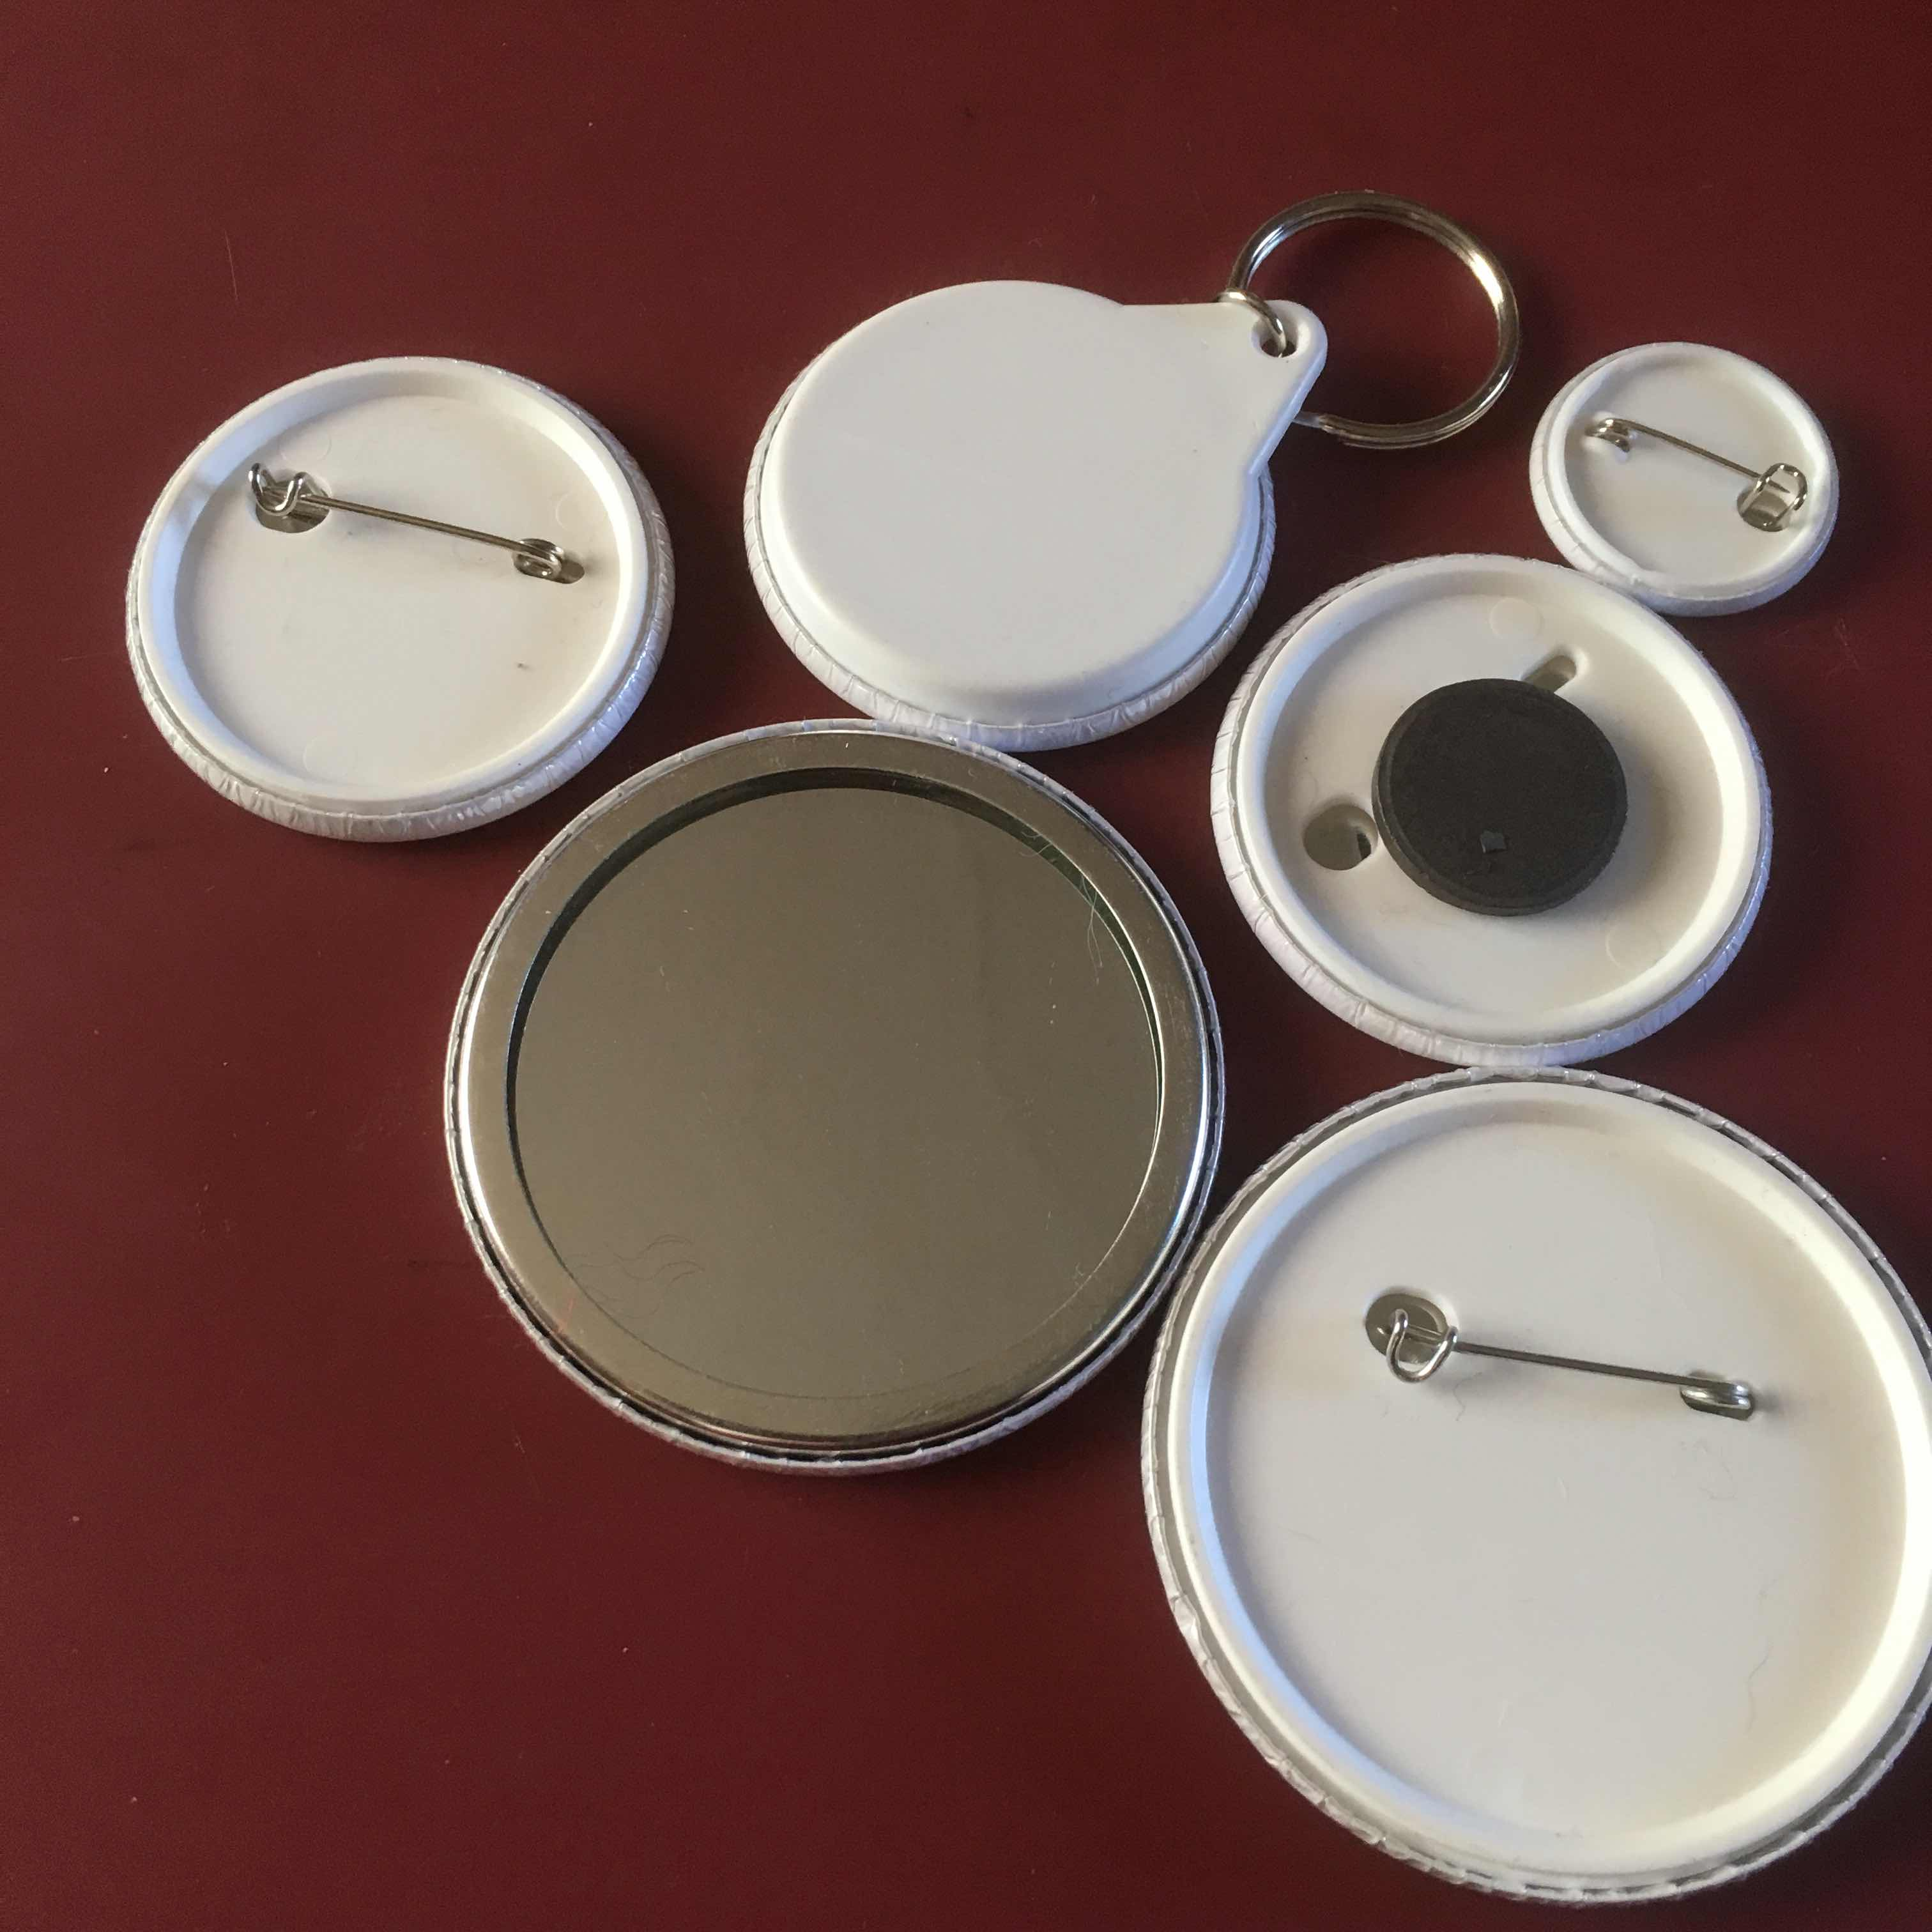 pin, keyring, magnet, mirror